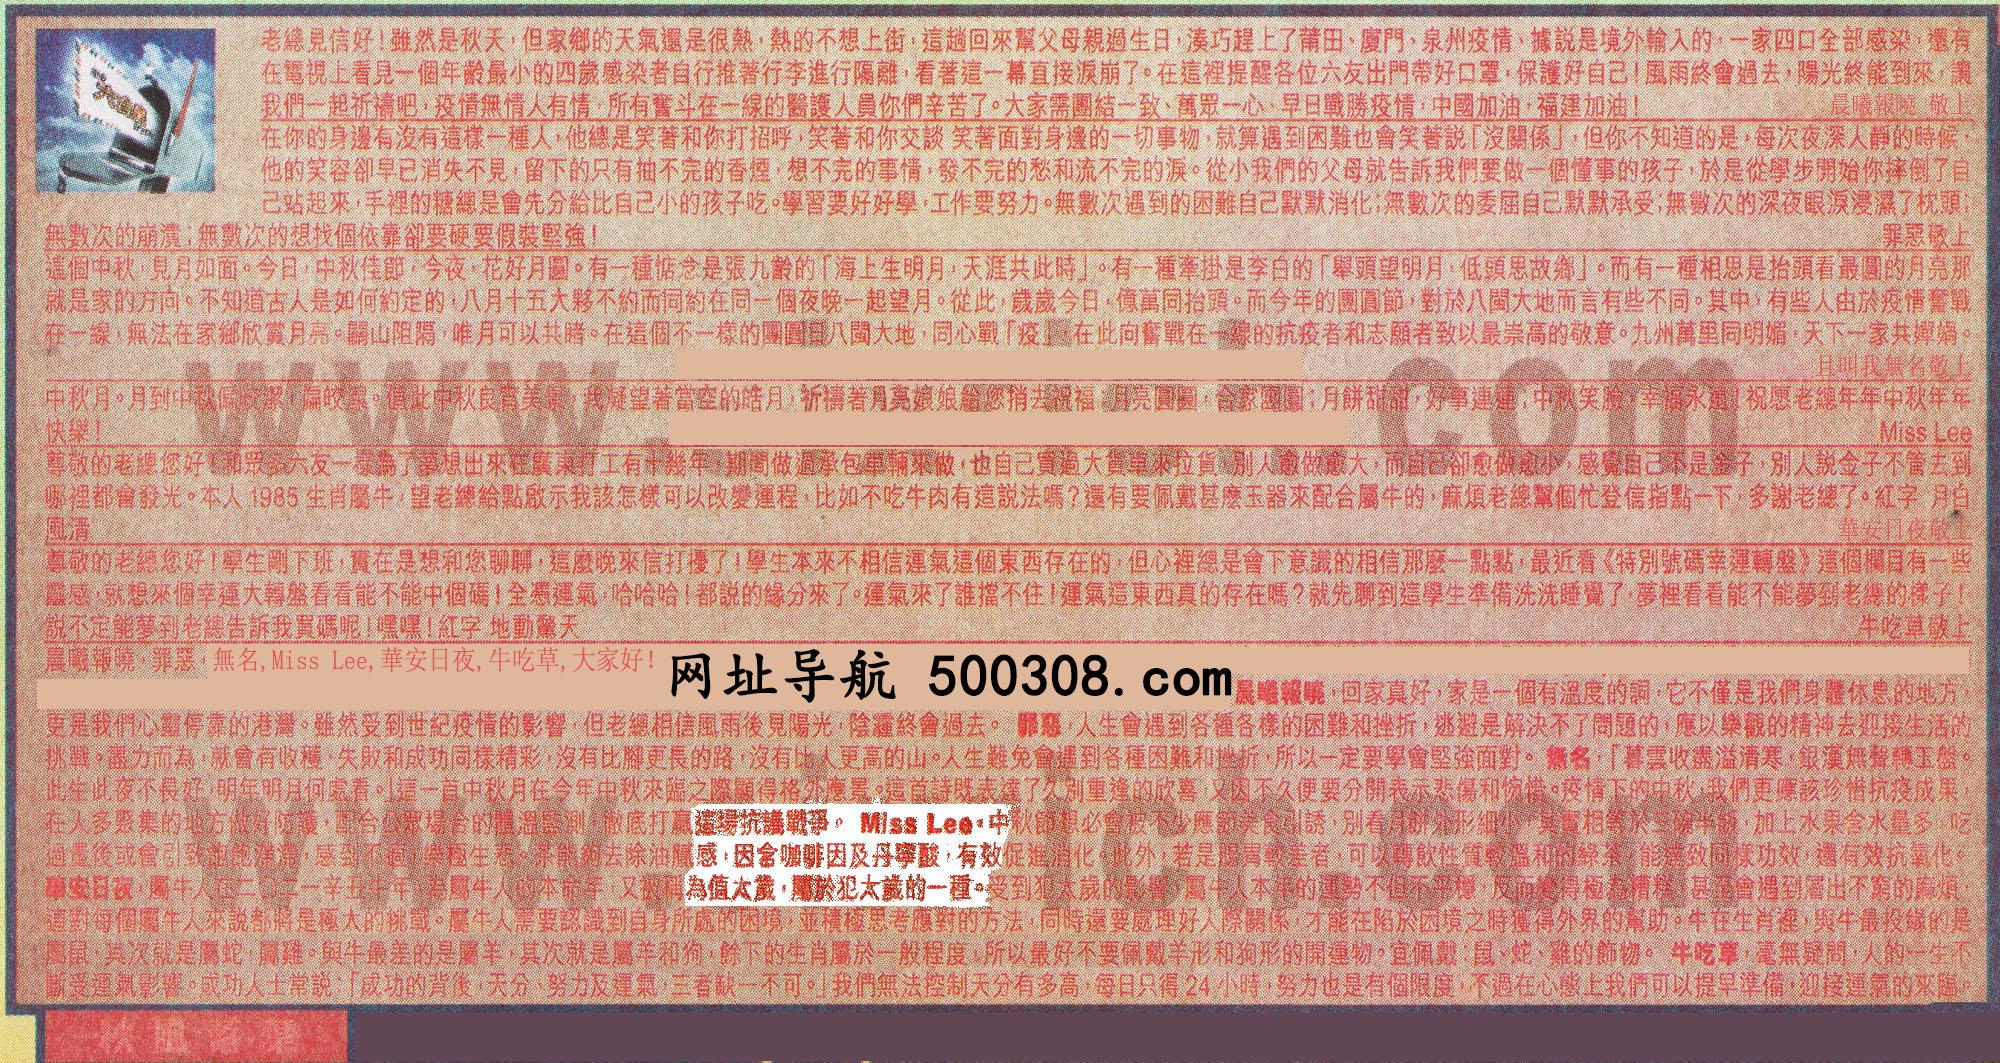 085期:彩民推荐六合皇信箱(�t字:秋�L落�~)_085期开奖结果:43-47-45-18-15-32-T12(虎/红/木)